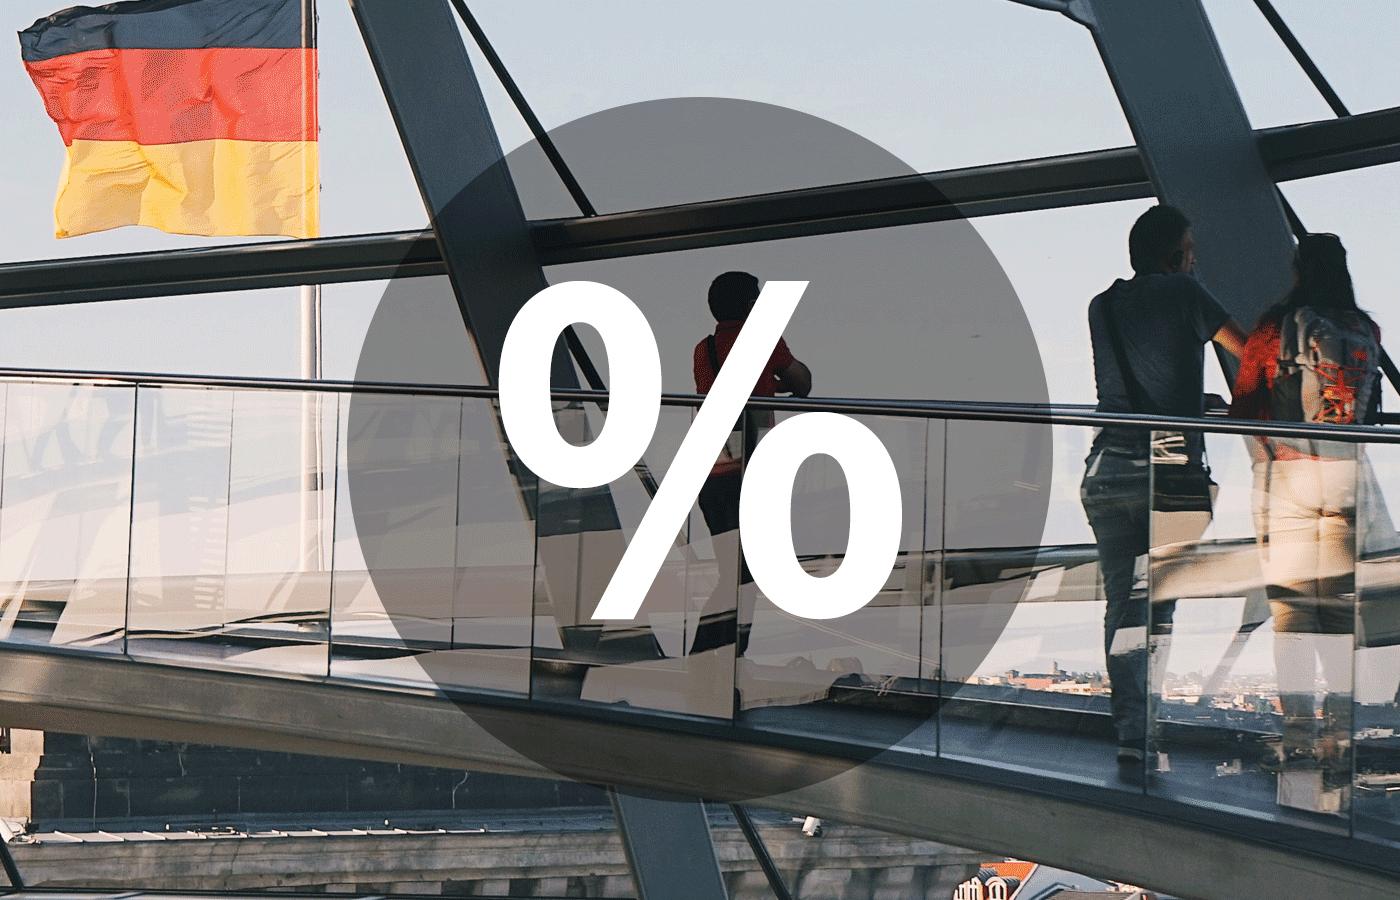 Dienstleister Mehrwertssteuersenkung Deutschland 2020 16%